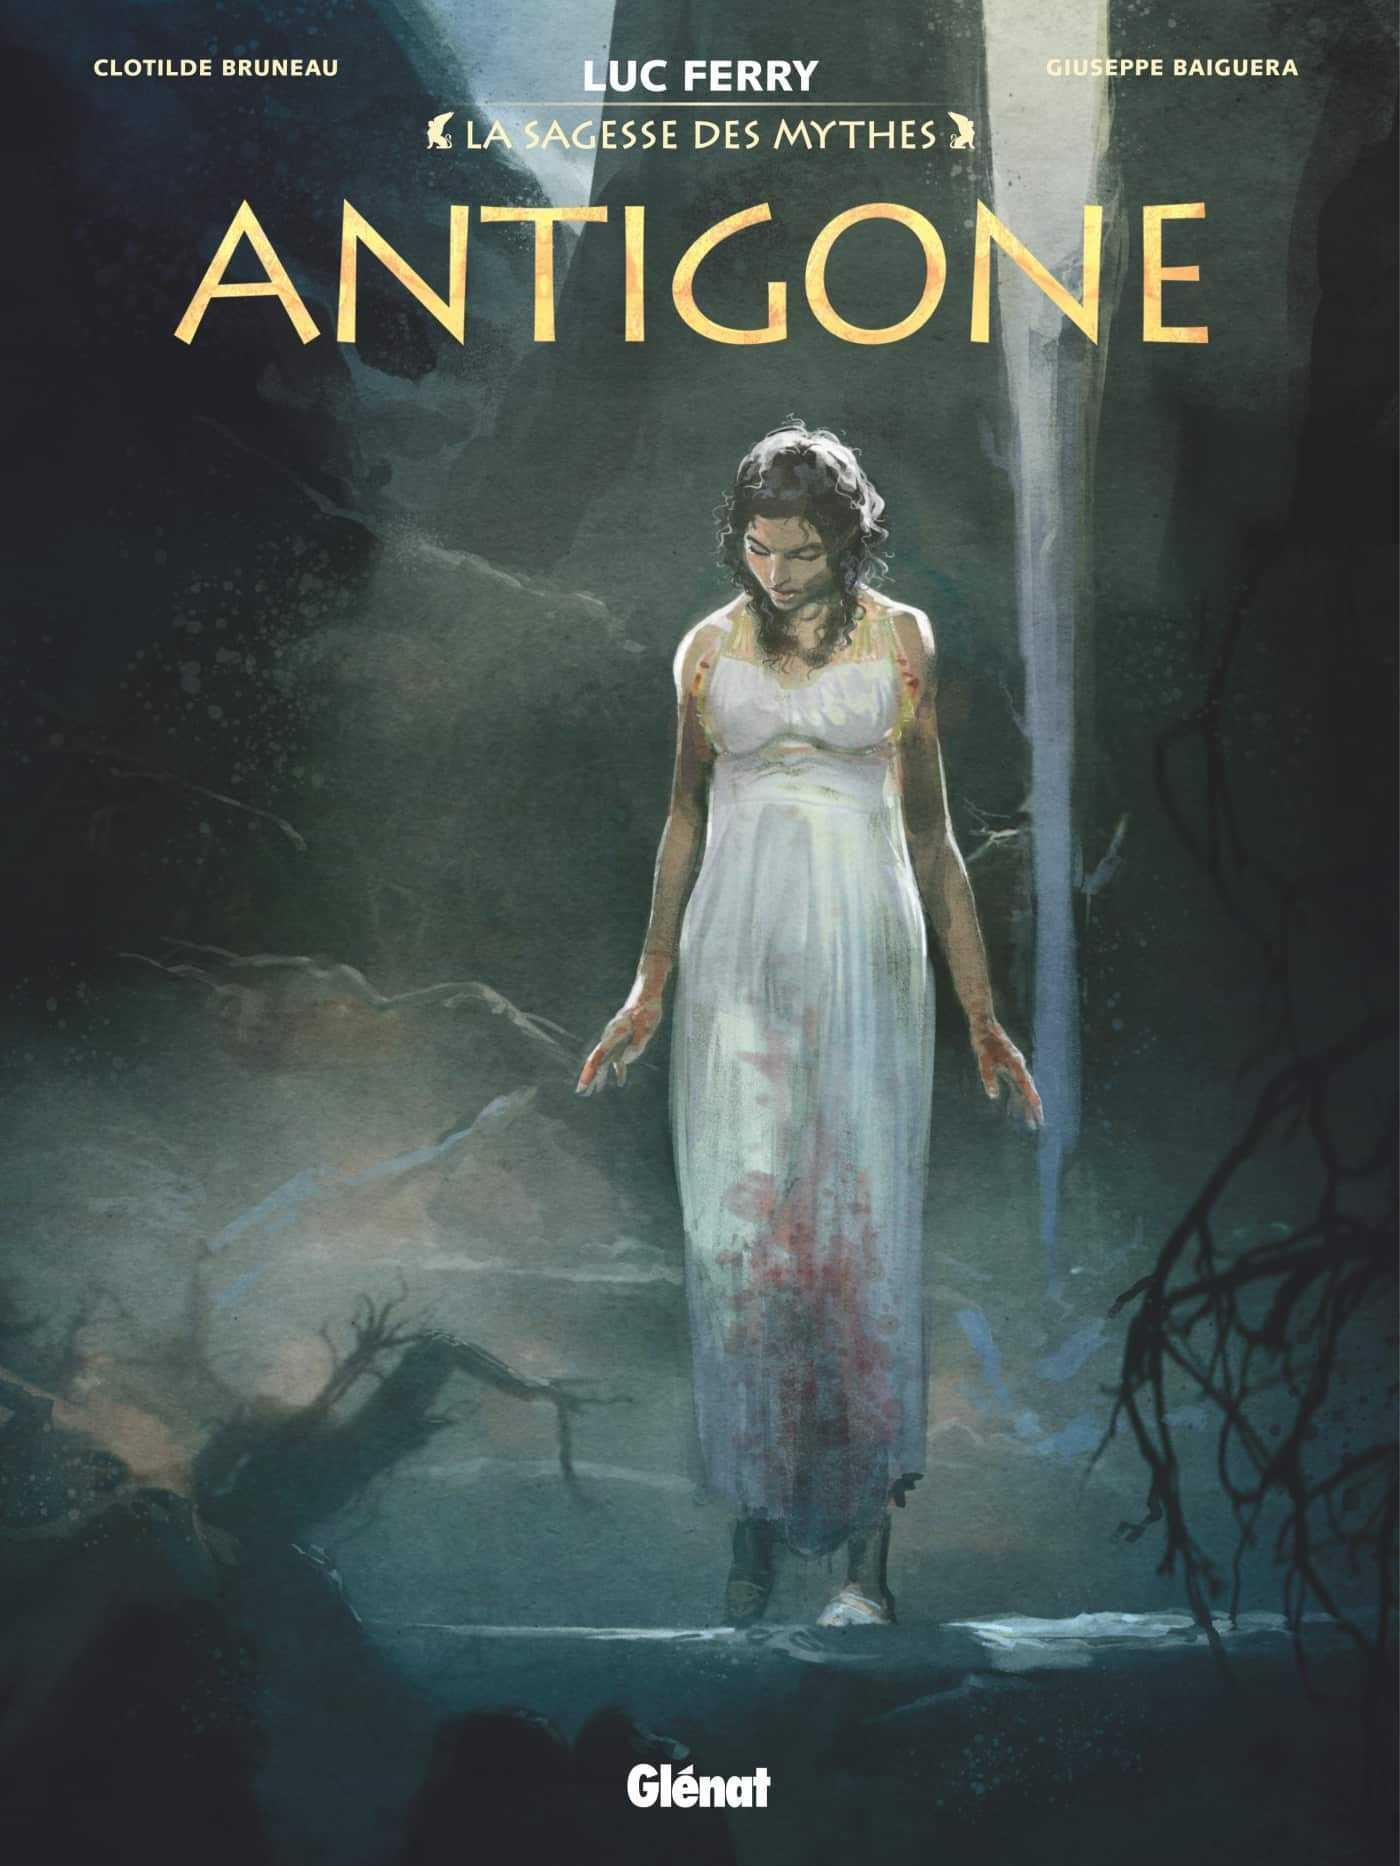 La naissance des Dieux et Antigone, comment rendre la mythologie accessible à tous